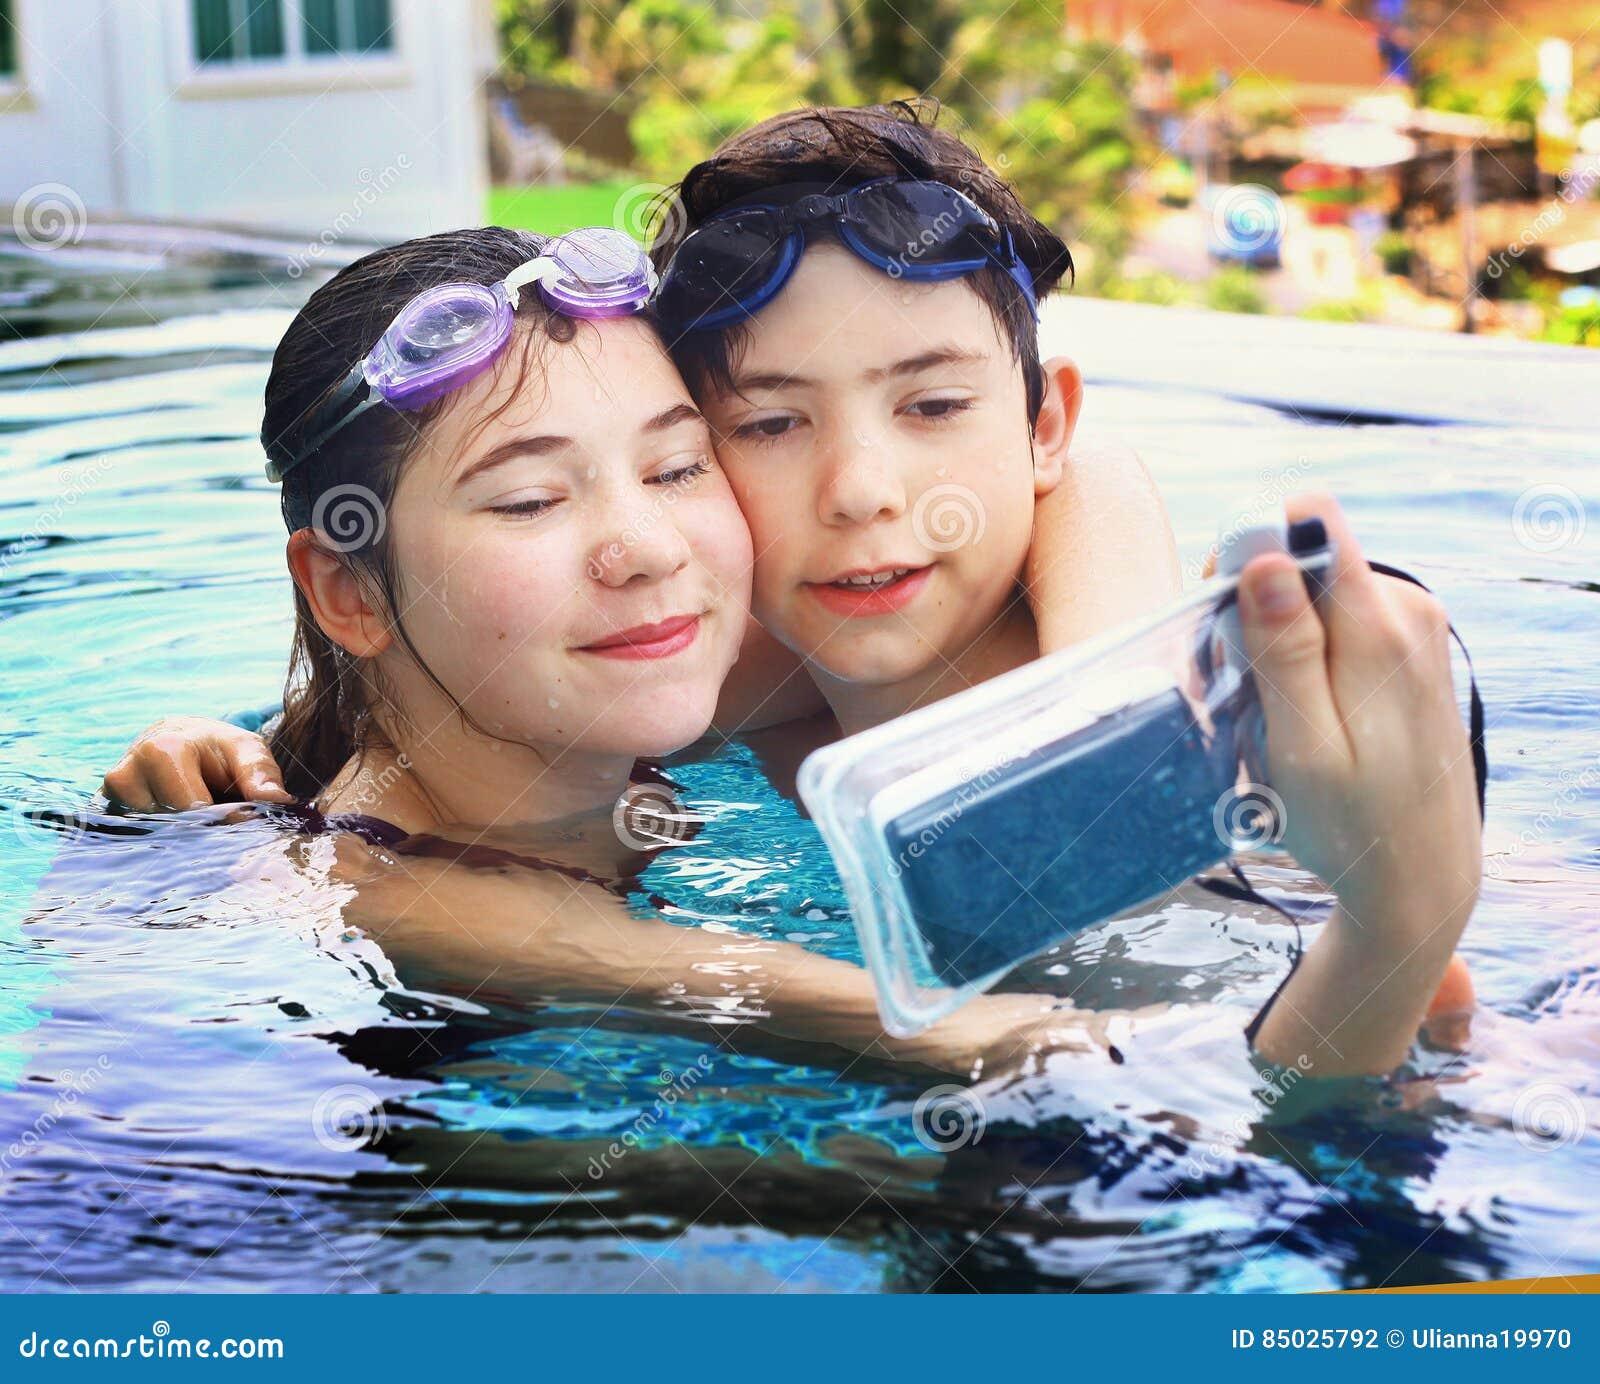 Crianças com a câmera subaquática na piscina